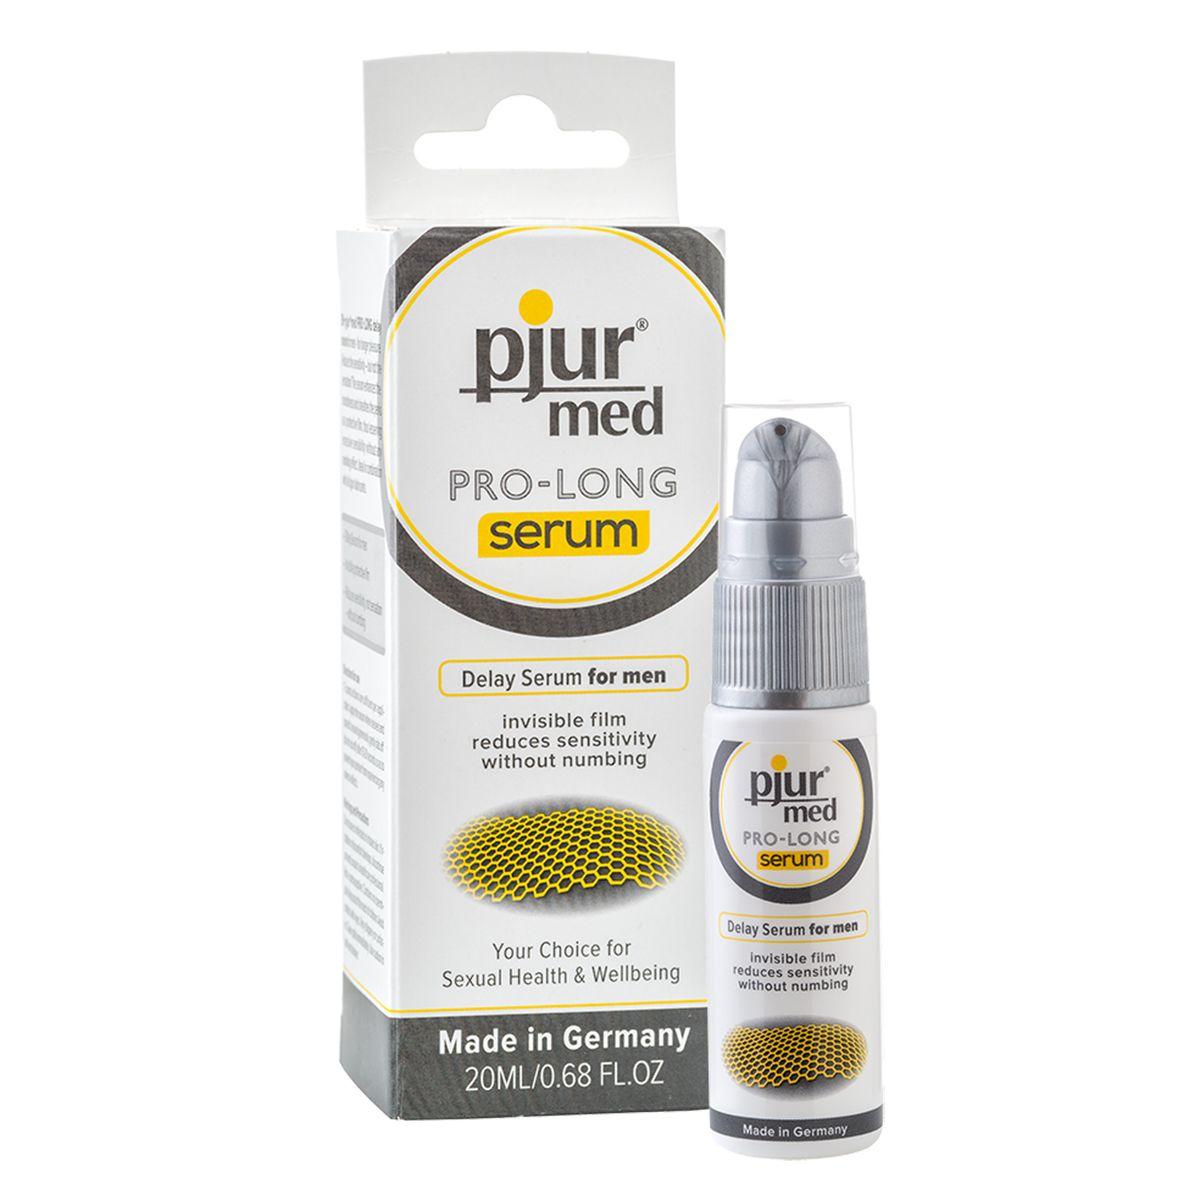 Концентрированная пролонгирующая сыворотка pjur MED Pro-long Serum - 20 мл. - фото 222084